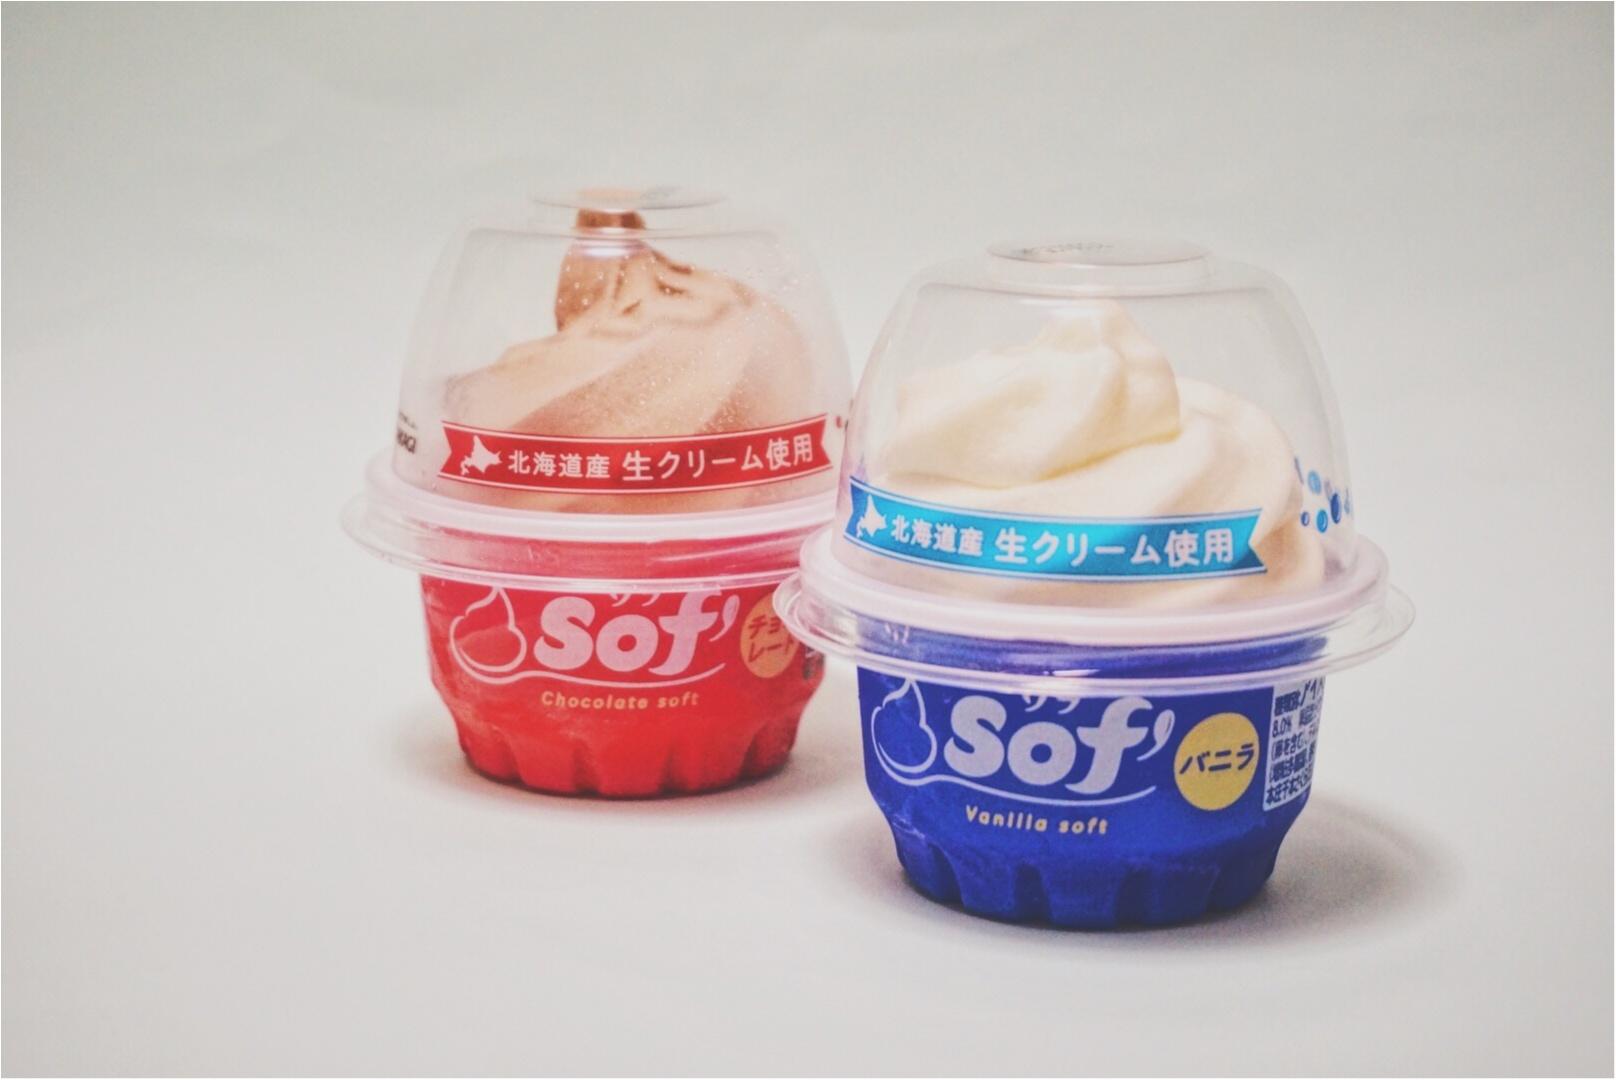 《本日発売の新商品‼︎》発売前からネットで話題‼︎ソフトクリームの上だけを商品化したカップアイス『Sof'(ソフ)』が気になるっ♡_1